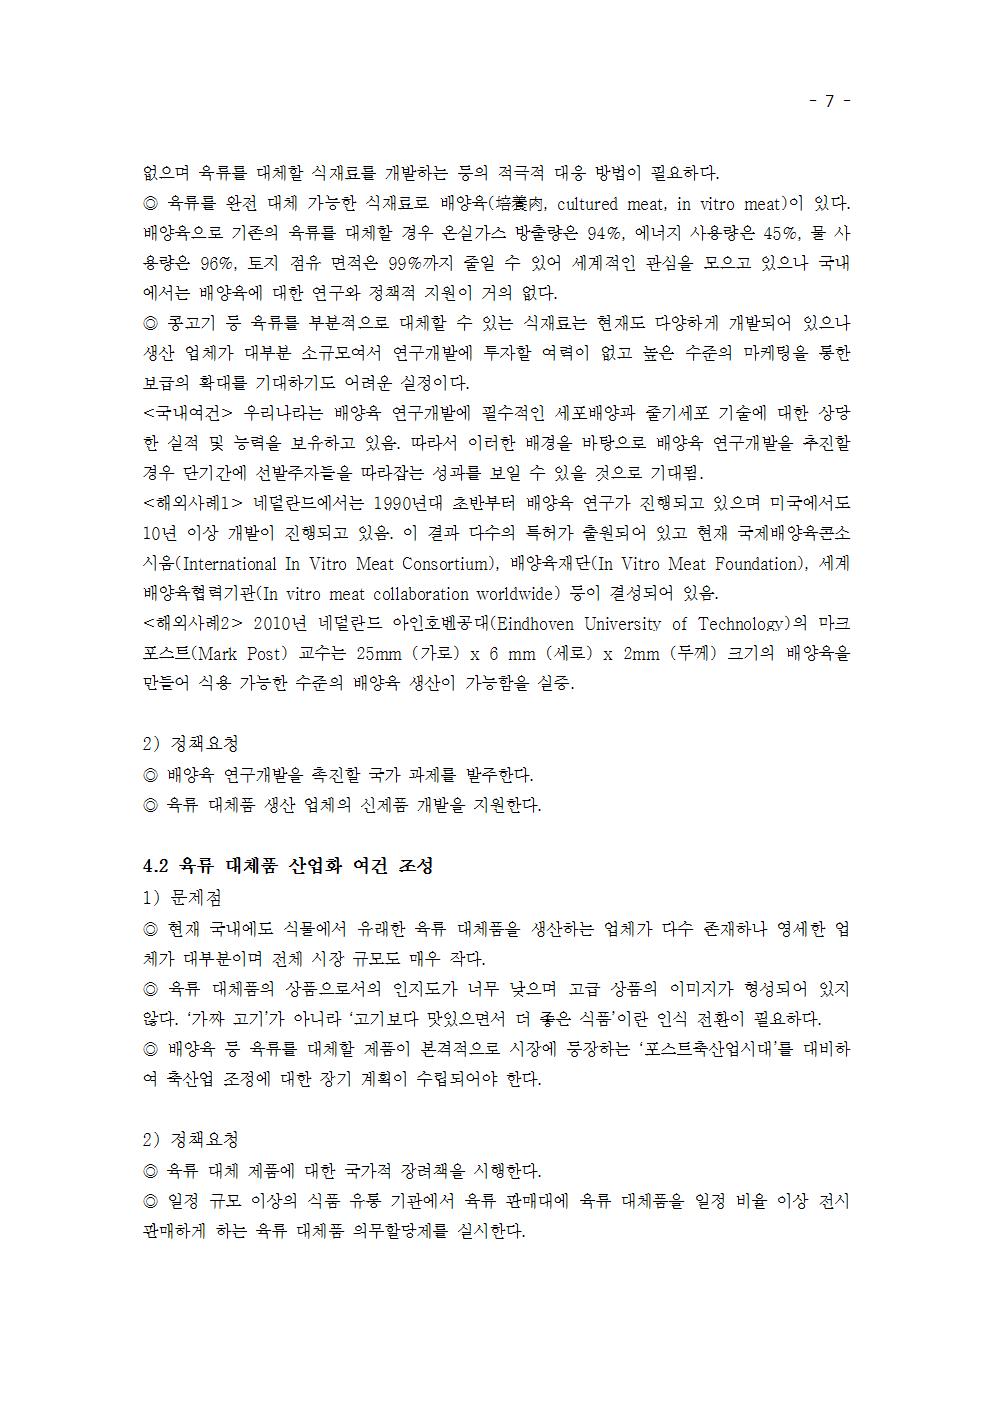 제안서_2012_대선3후보_게시_단축010.png